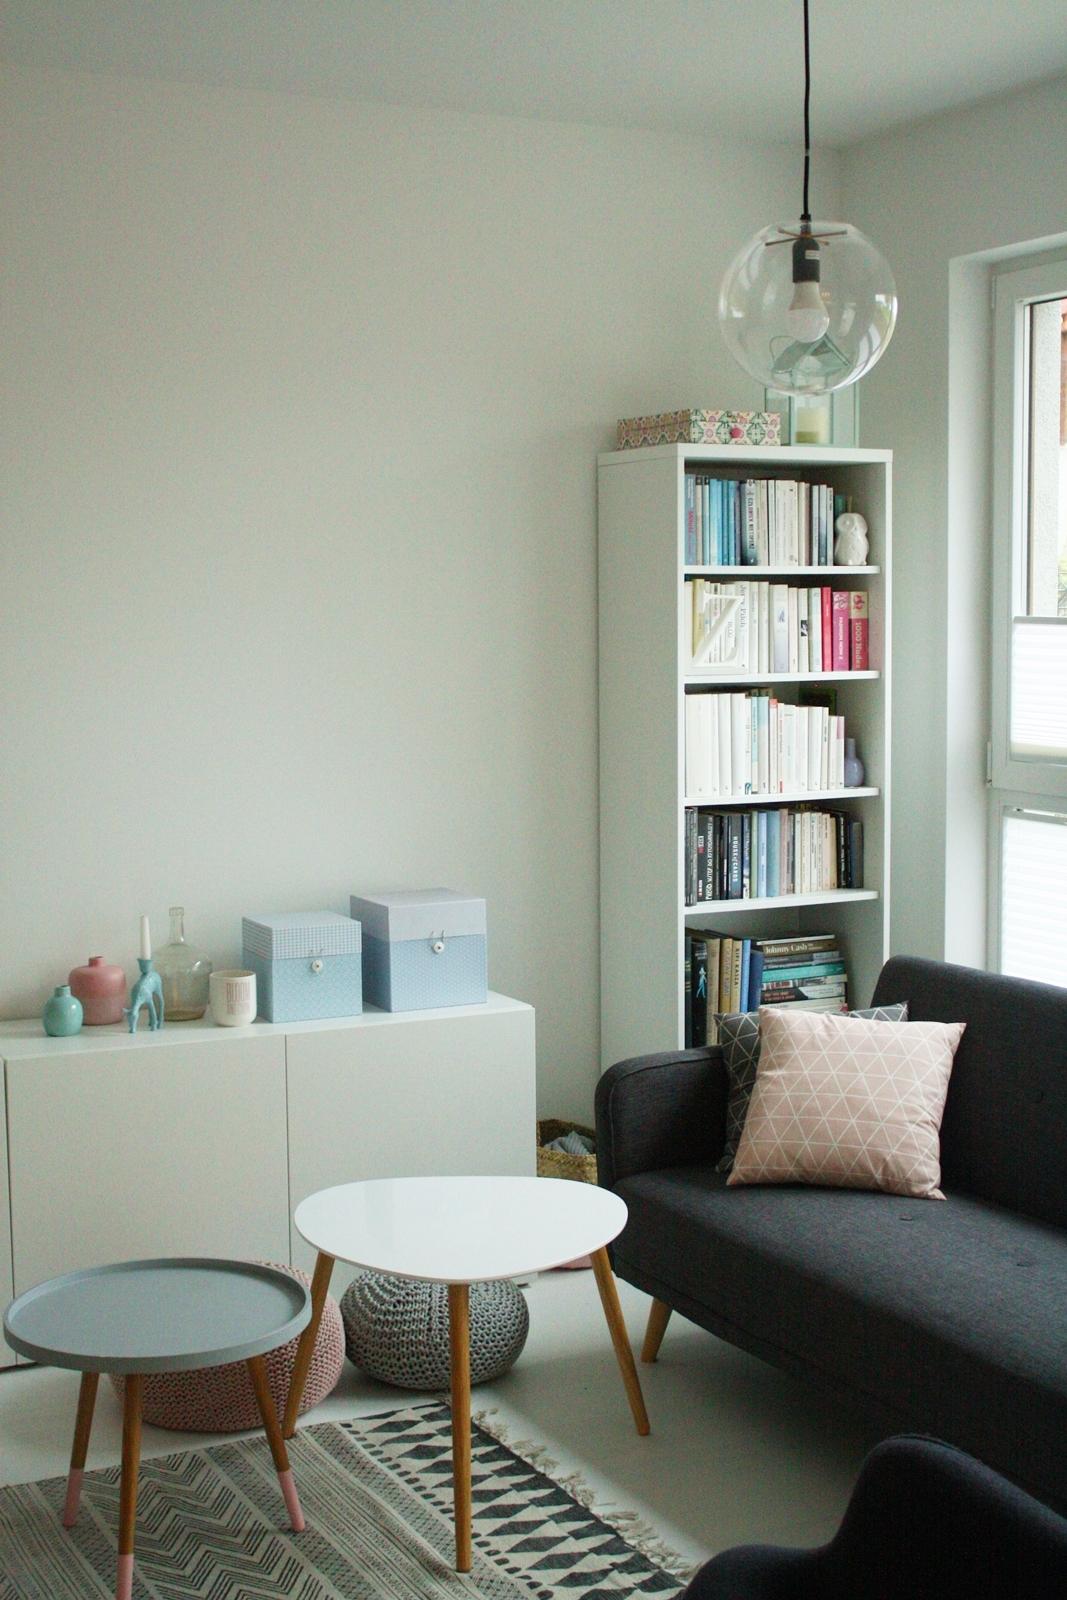 ff8b8fad Ale do rzeczy: nasz salon zmienił się najbardziej z całego mieszkania, ale  też i był pomieszczeniem, ...